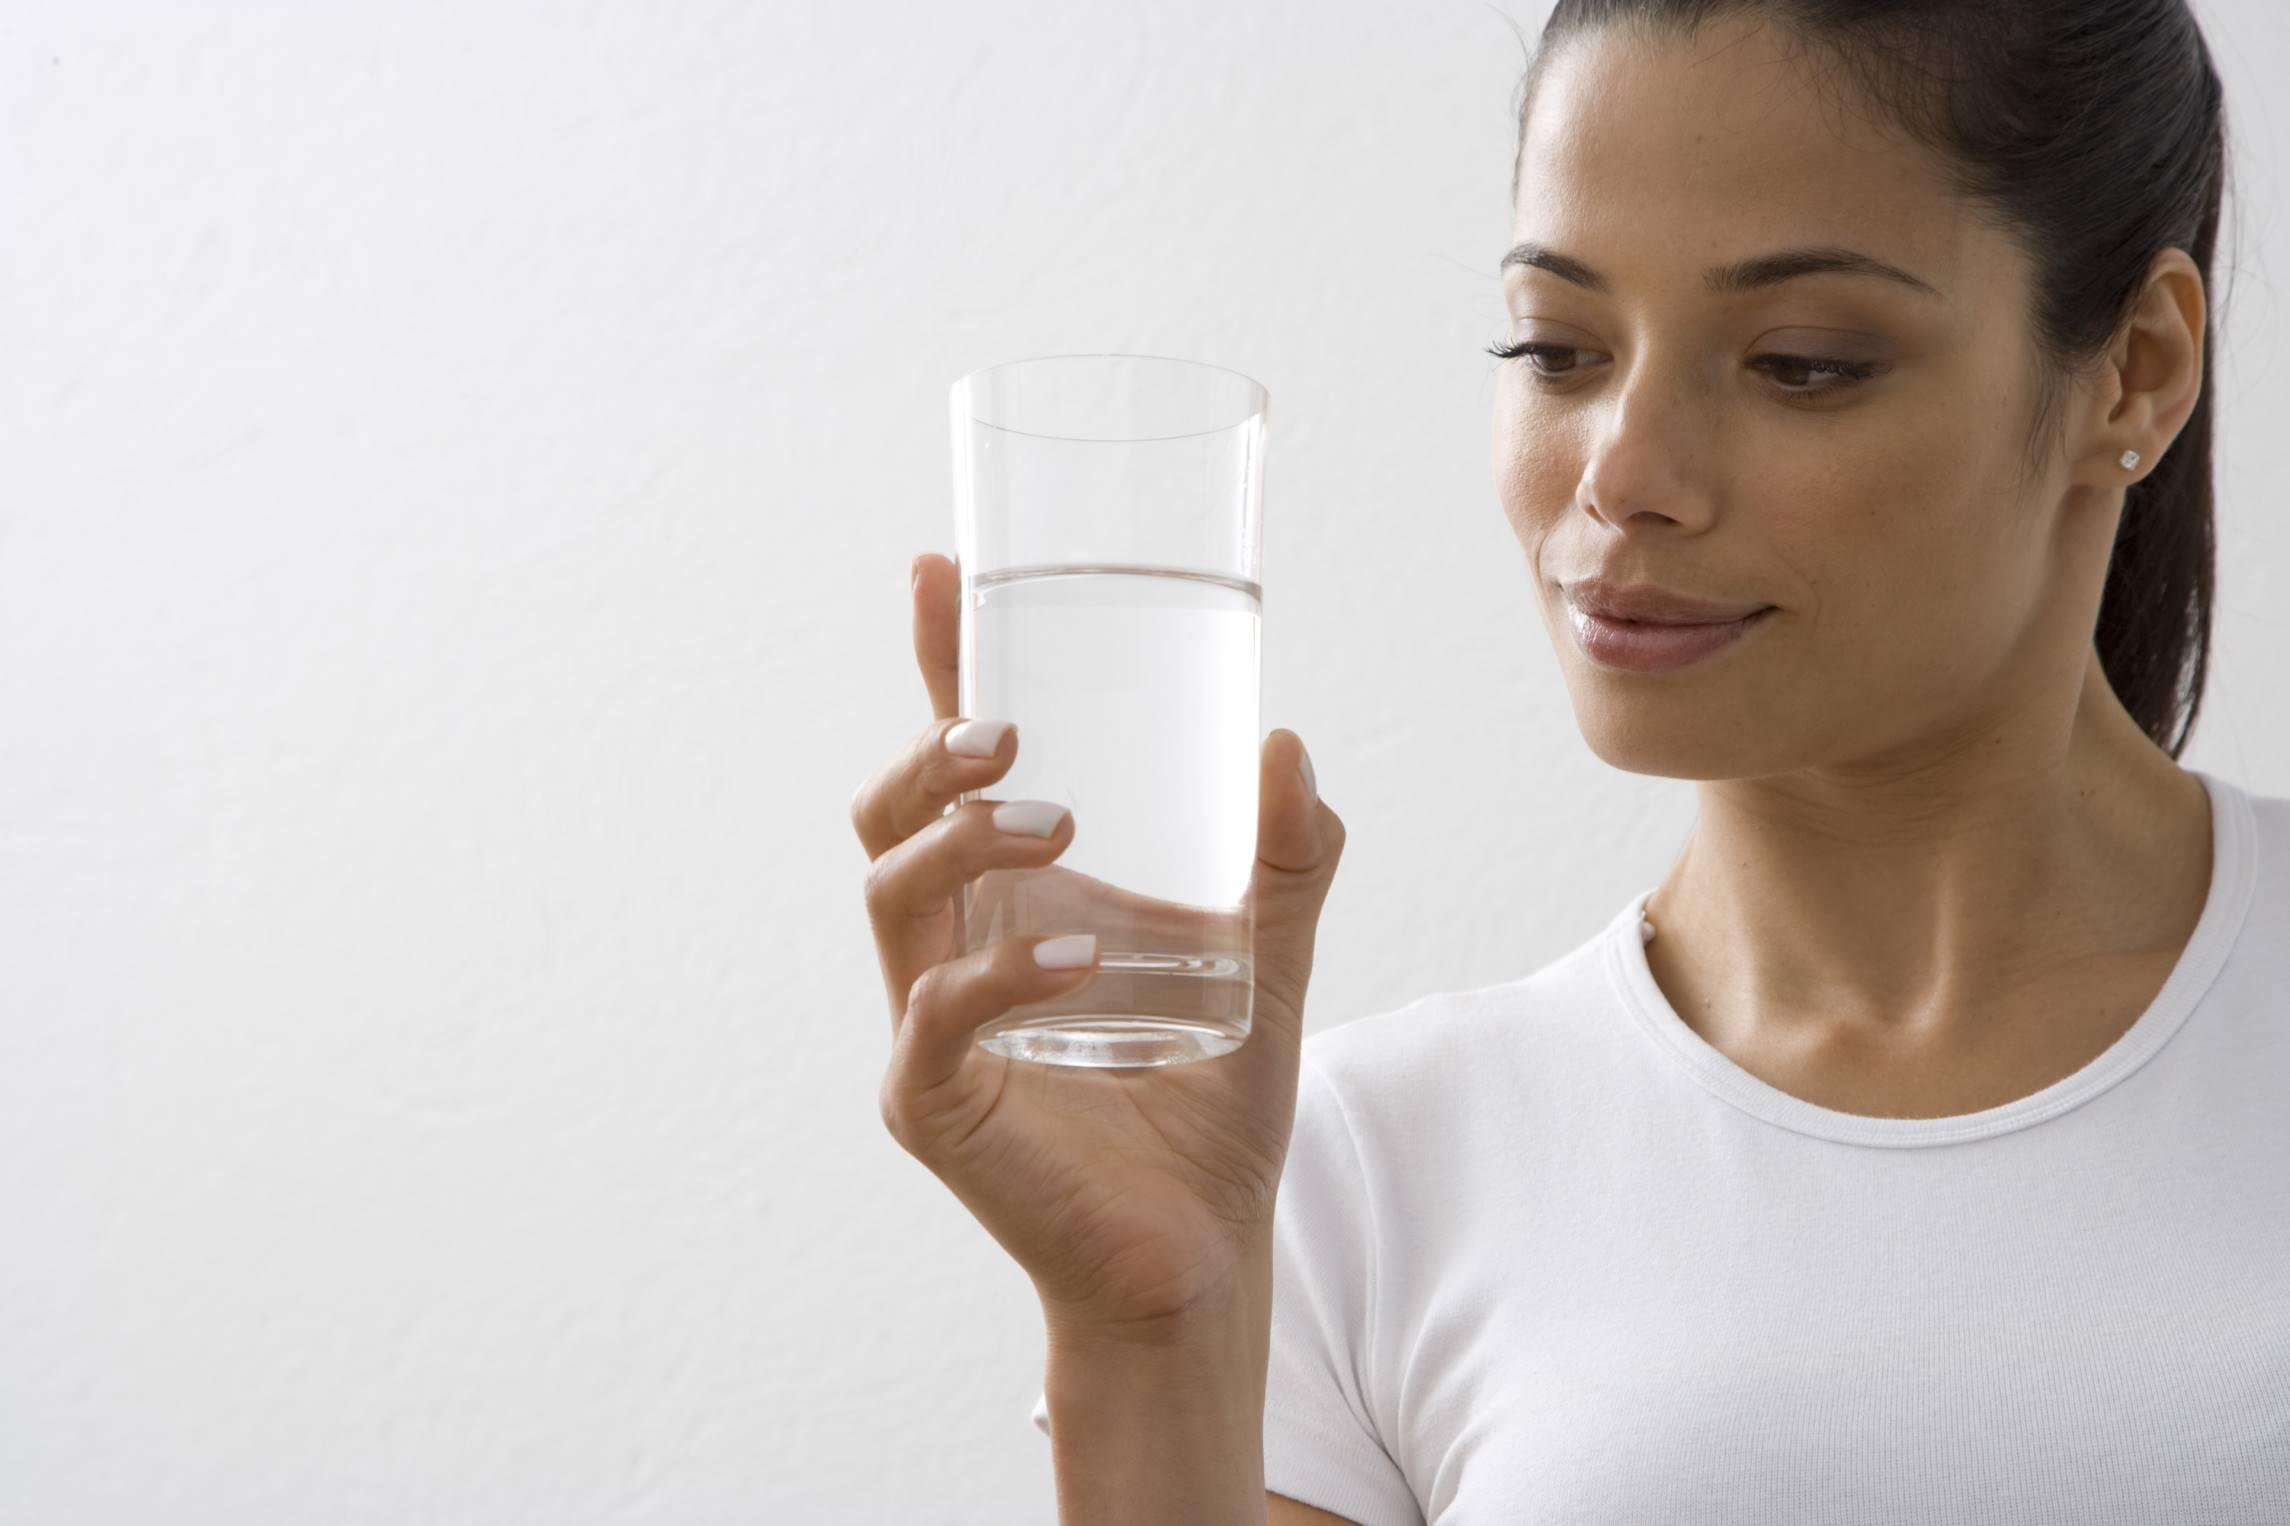 آب چاق میکند یا لاغر؟